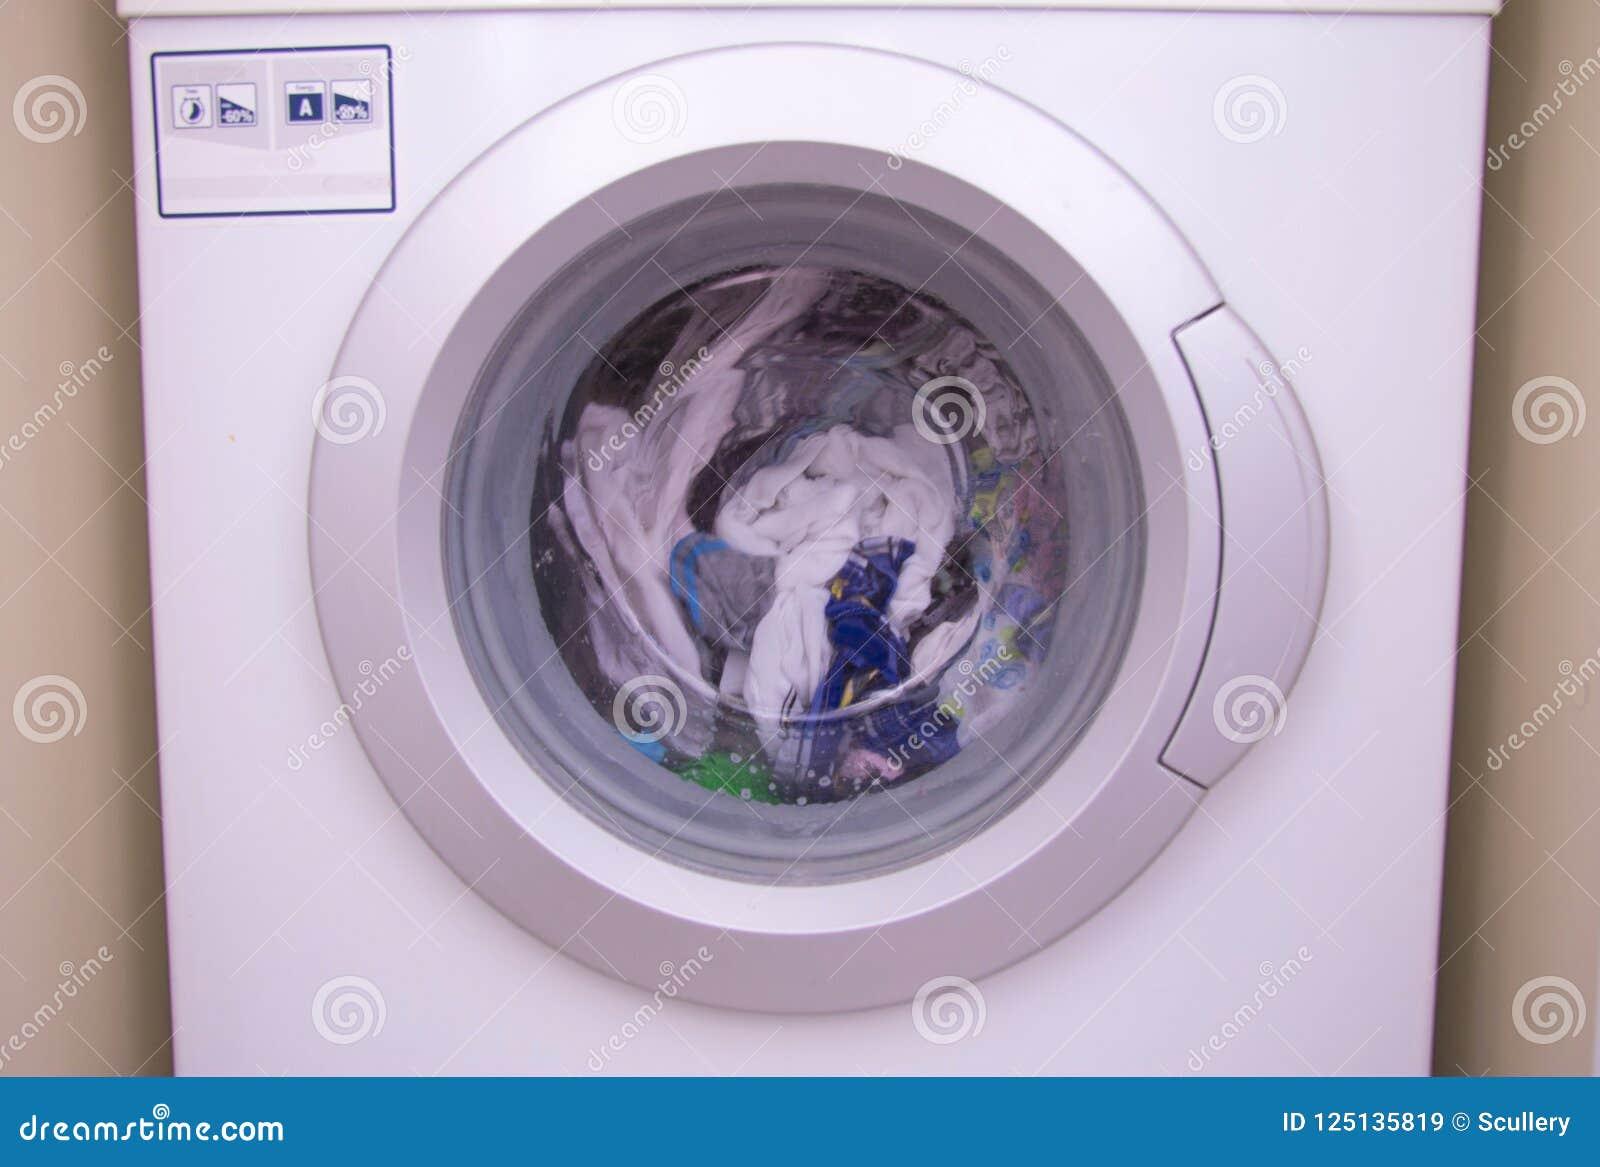 Nettoyage De La Machine À Laver la vue de face d'un tambour de machine à laver pendant le